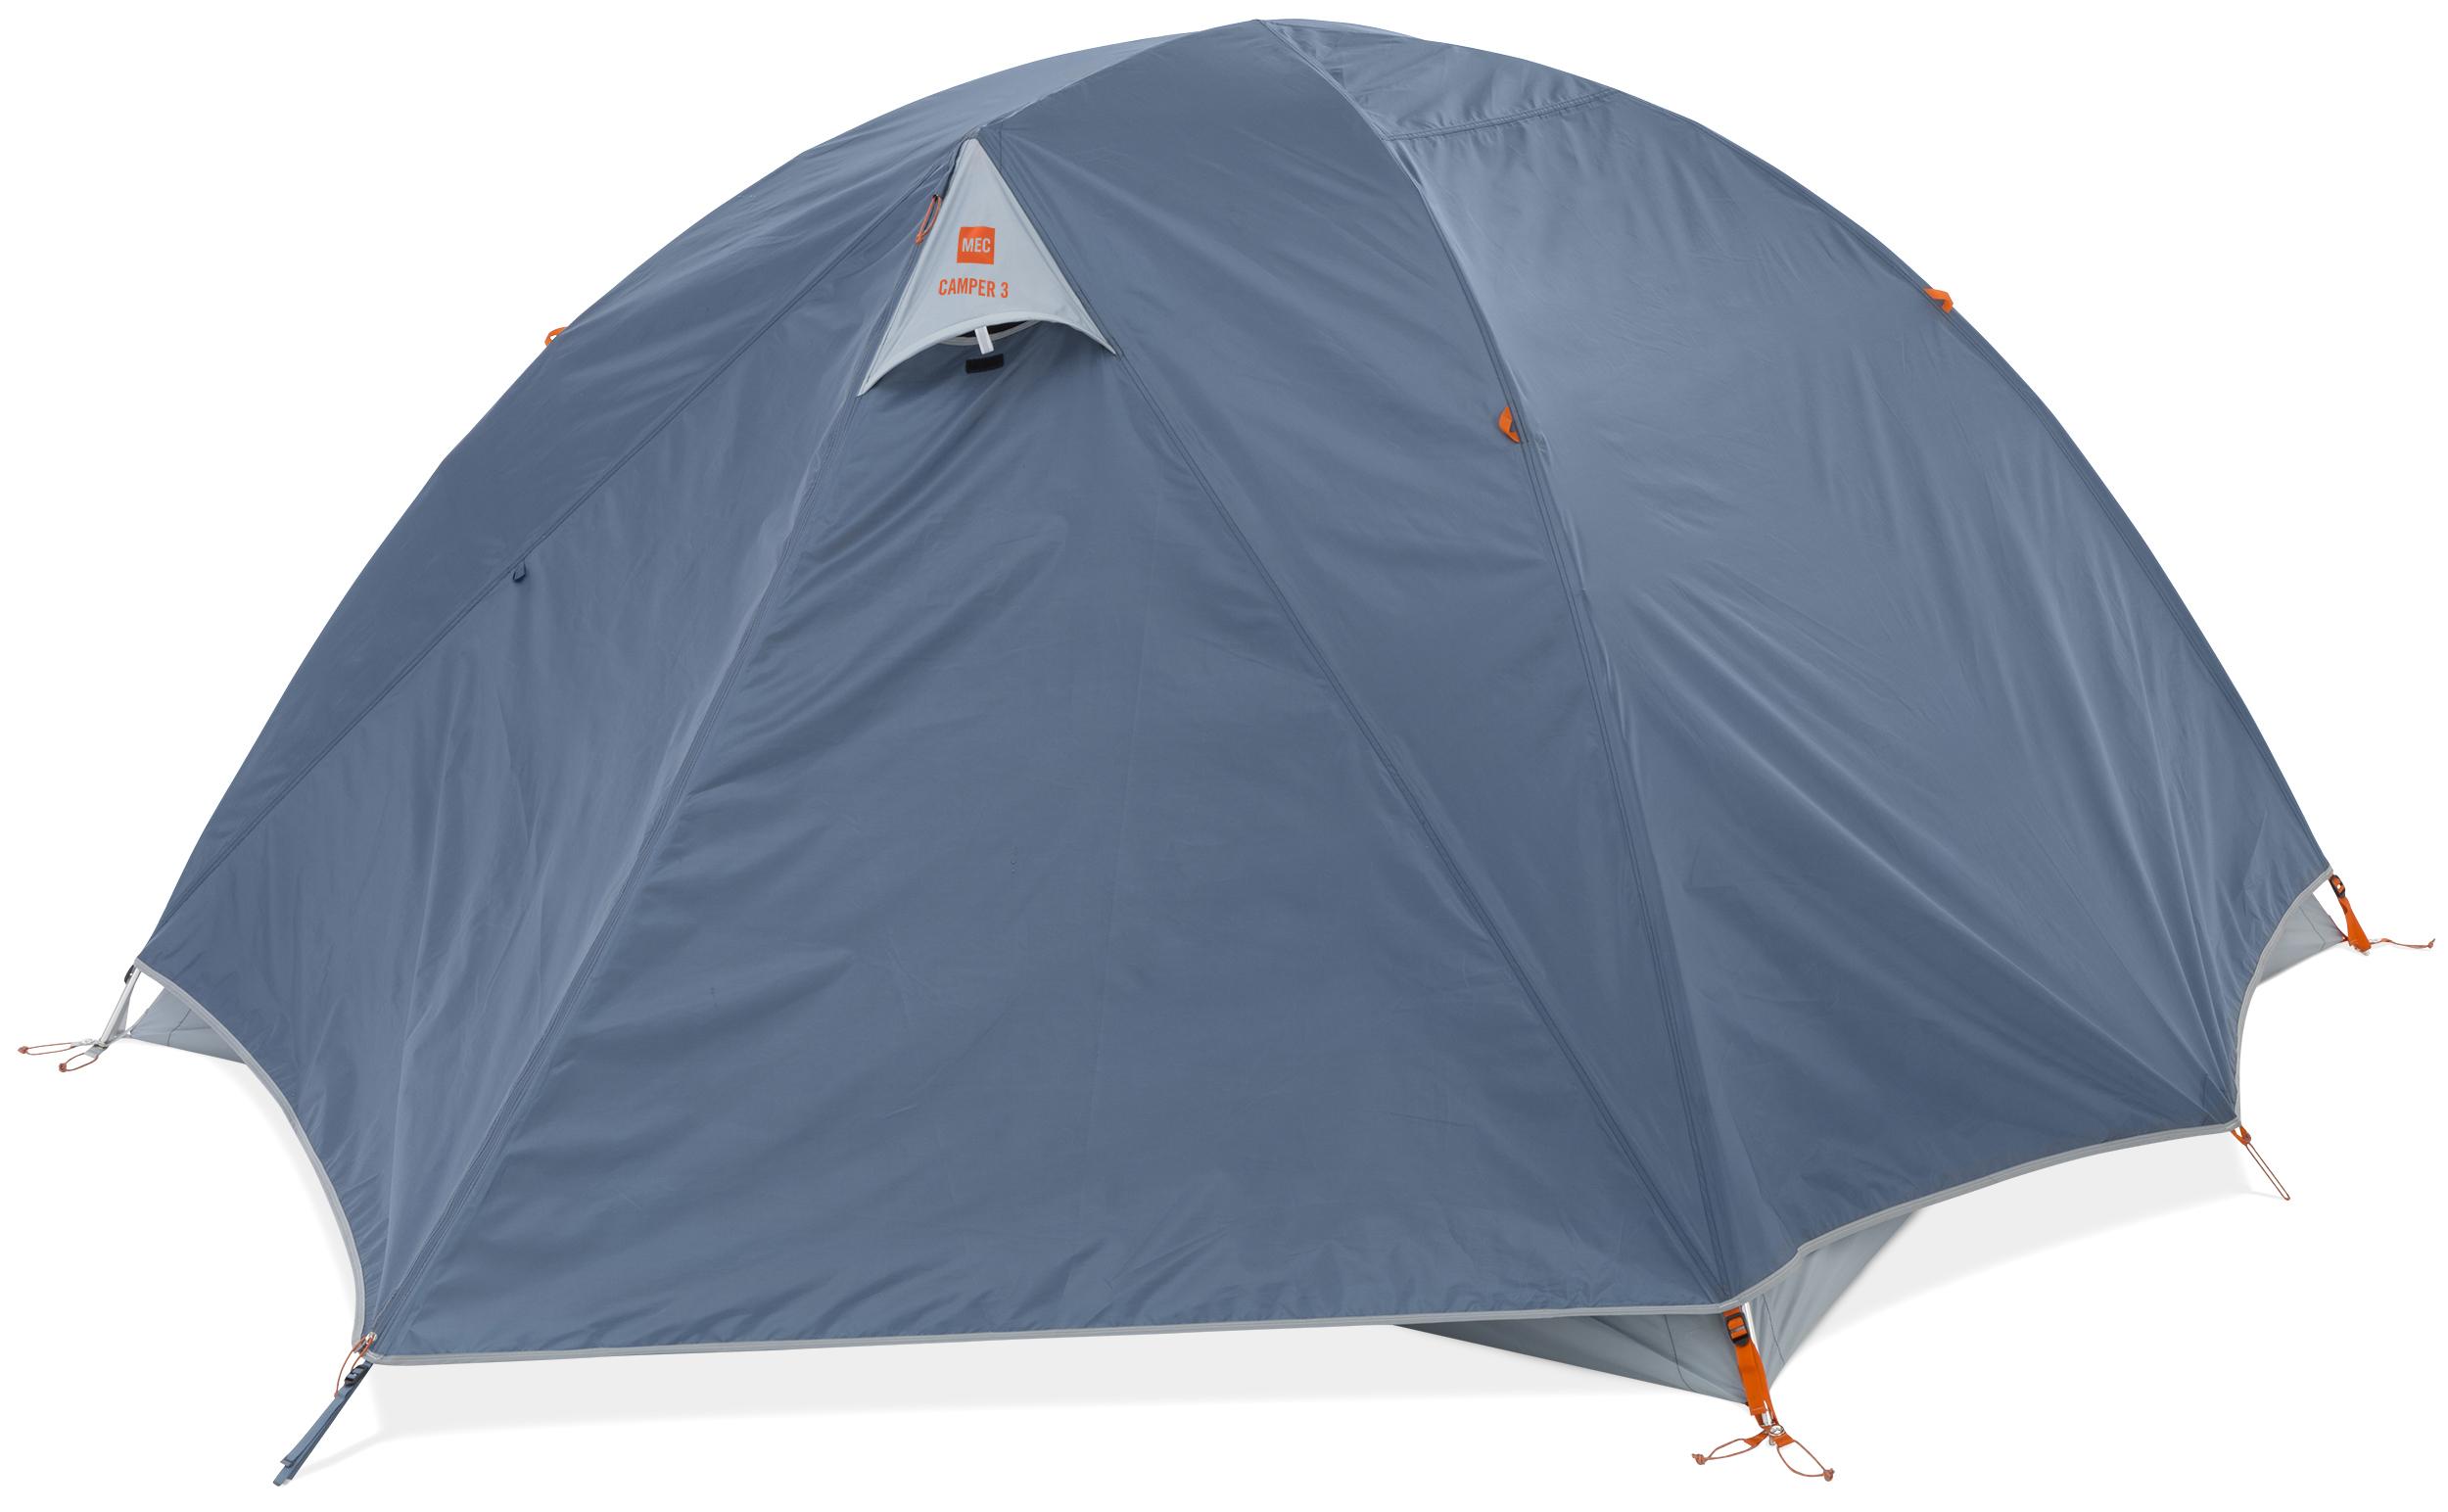 sc 1 st  MEC & MEC Camper 3 Tent